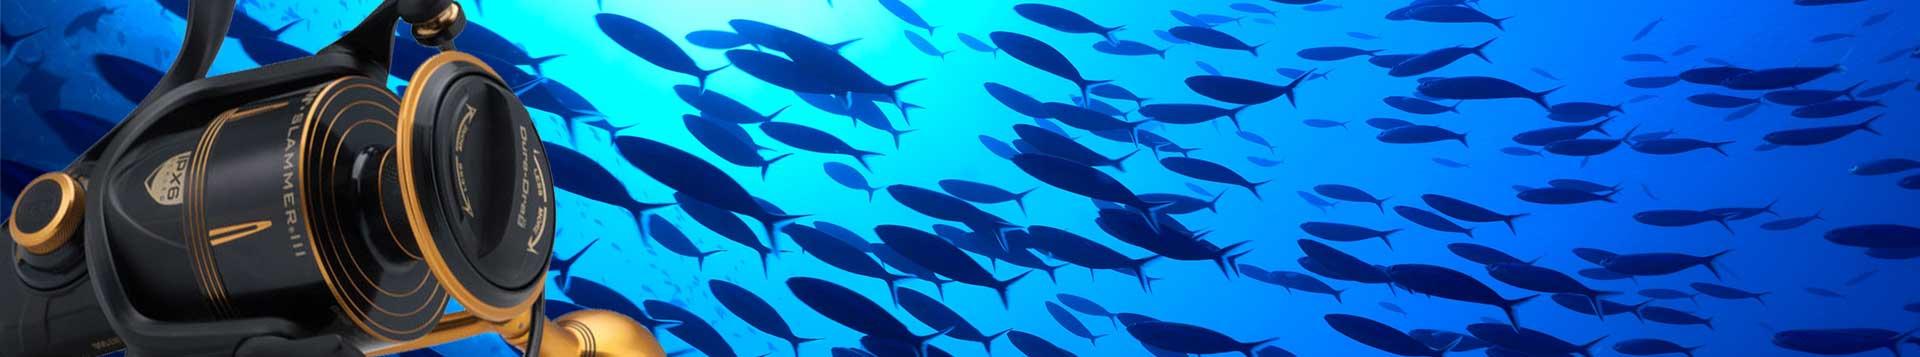 Penn Slammer Fishing Reels